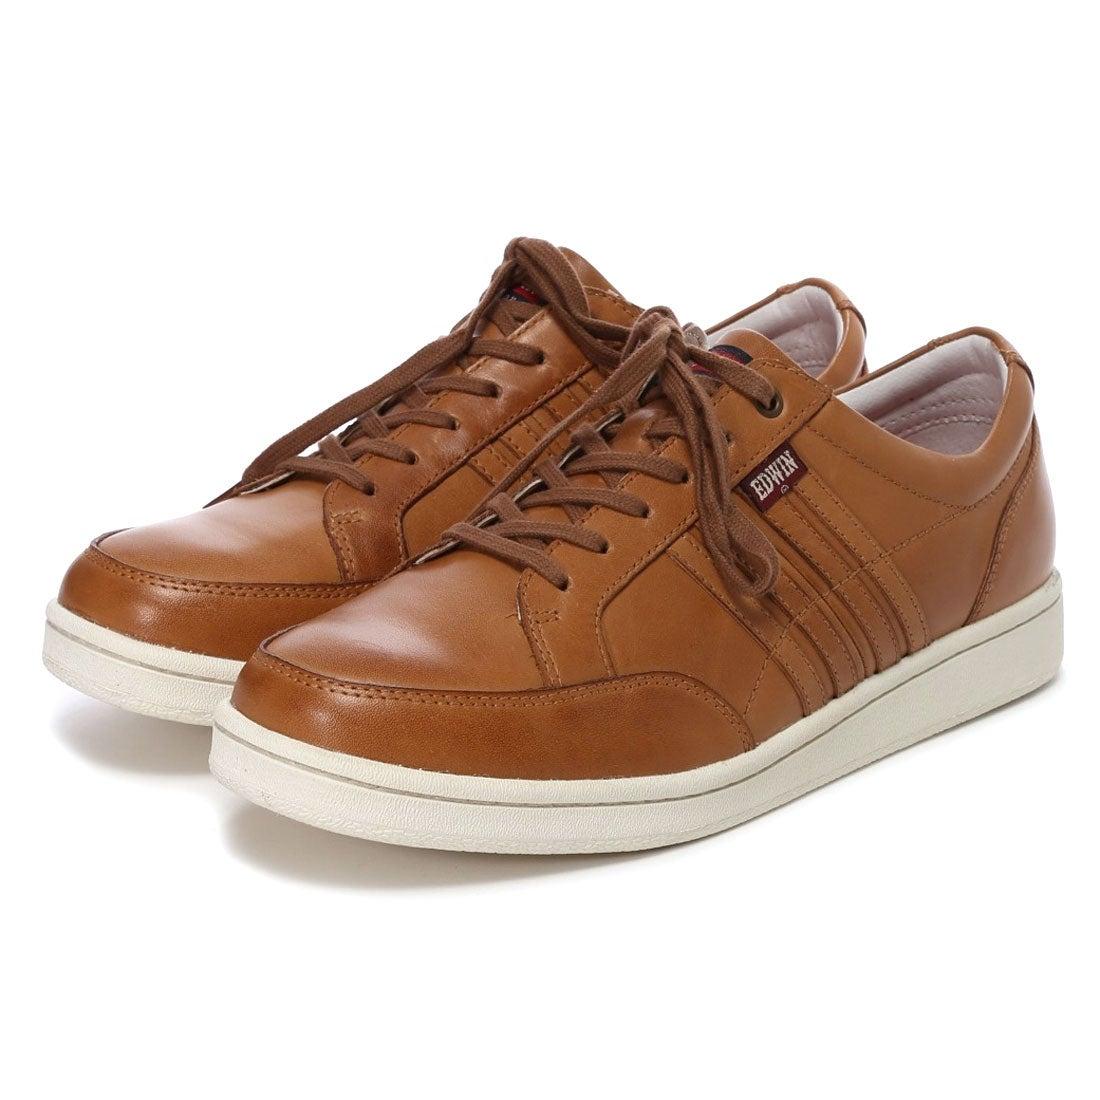 エドウィン EDWIN カジュアルシューズ(CAMEL) ,靴&ファッション通販 ロコンド〜自宅で試着、気軽に返品